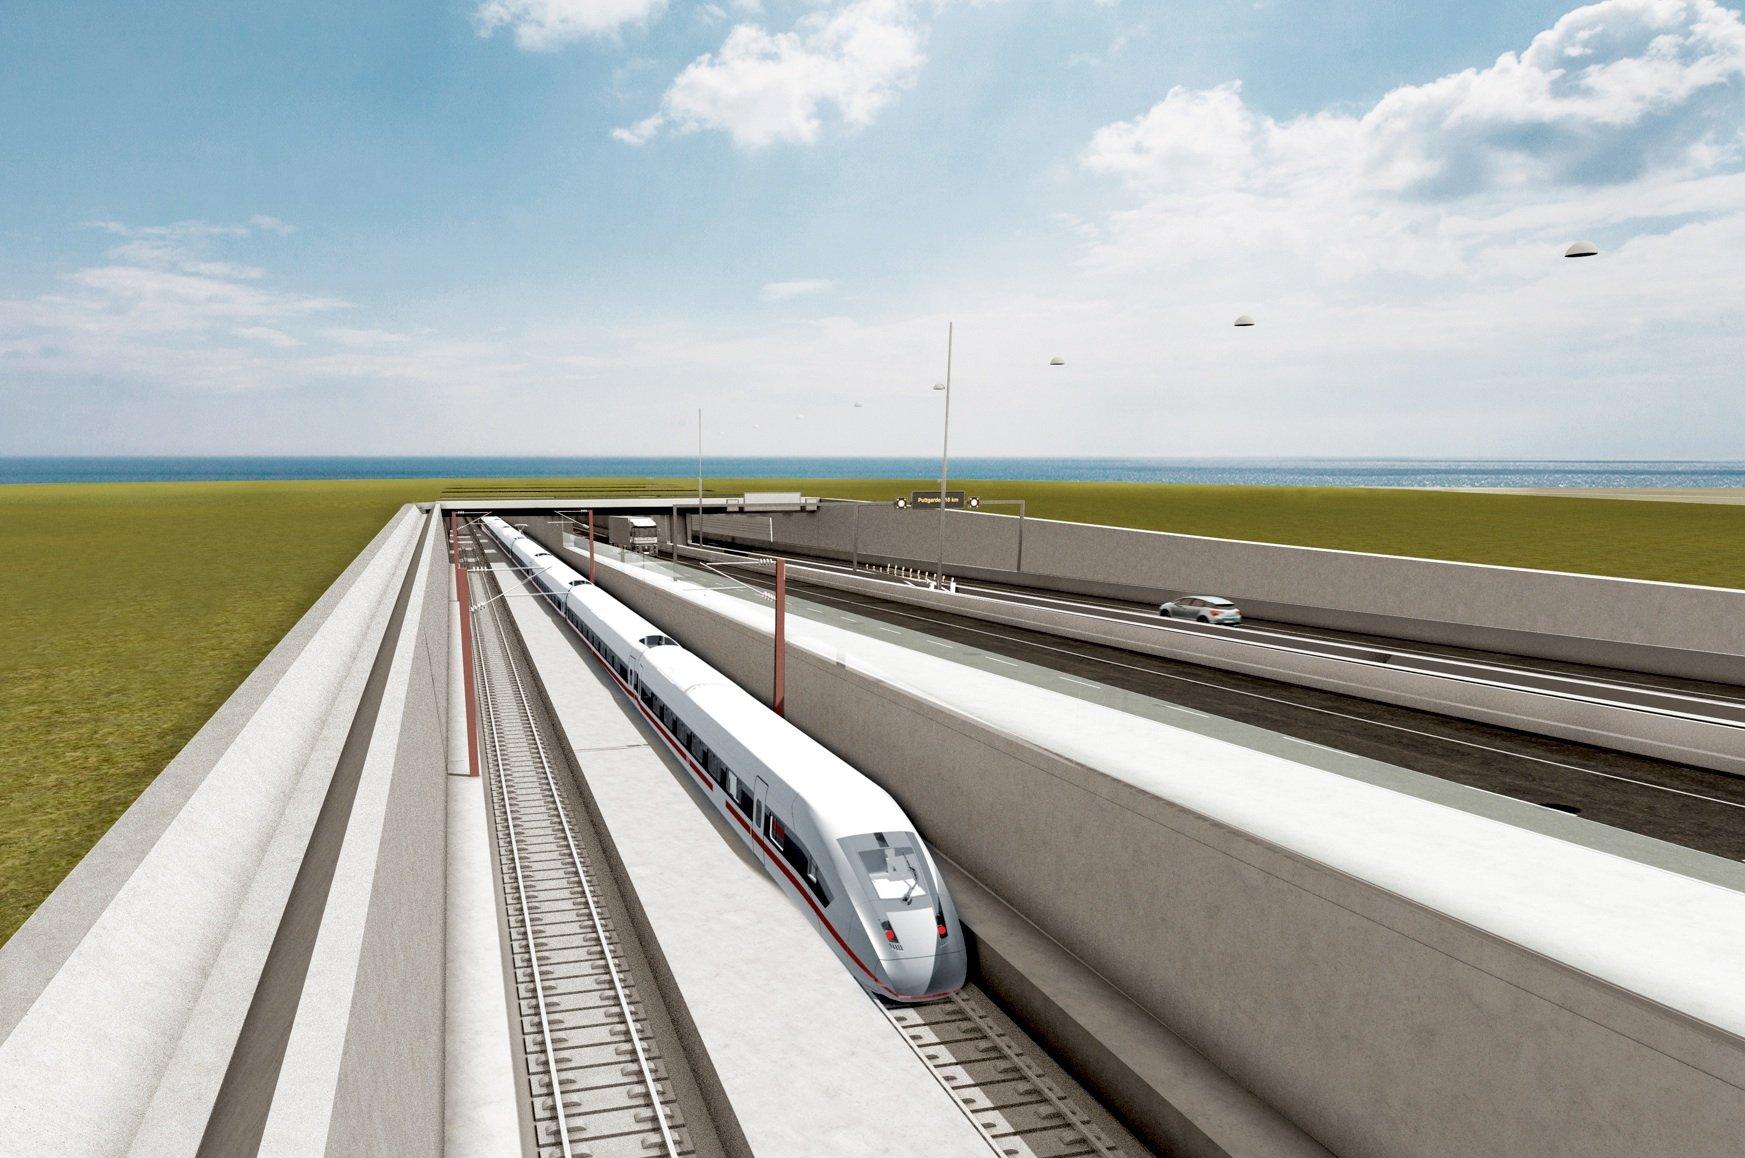 Skizze der Einfahrt in den Fehmarnbelt-Tunnel auf dänischer Seite beiRødbyhavn auf Lolland: Der 18 Kilometer lange Tunnel soll 2022 eröffnen.